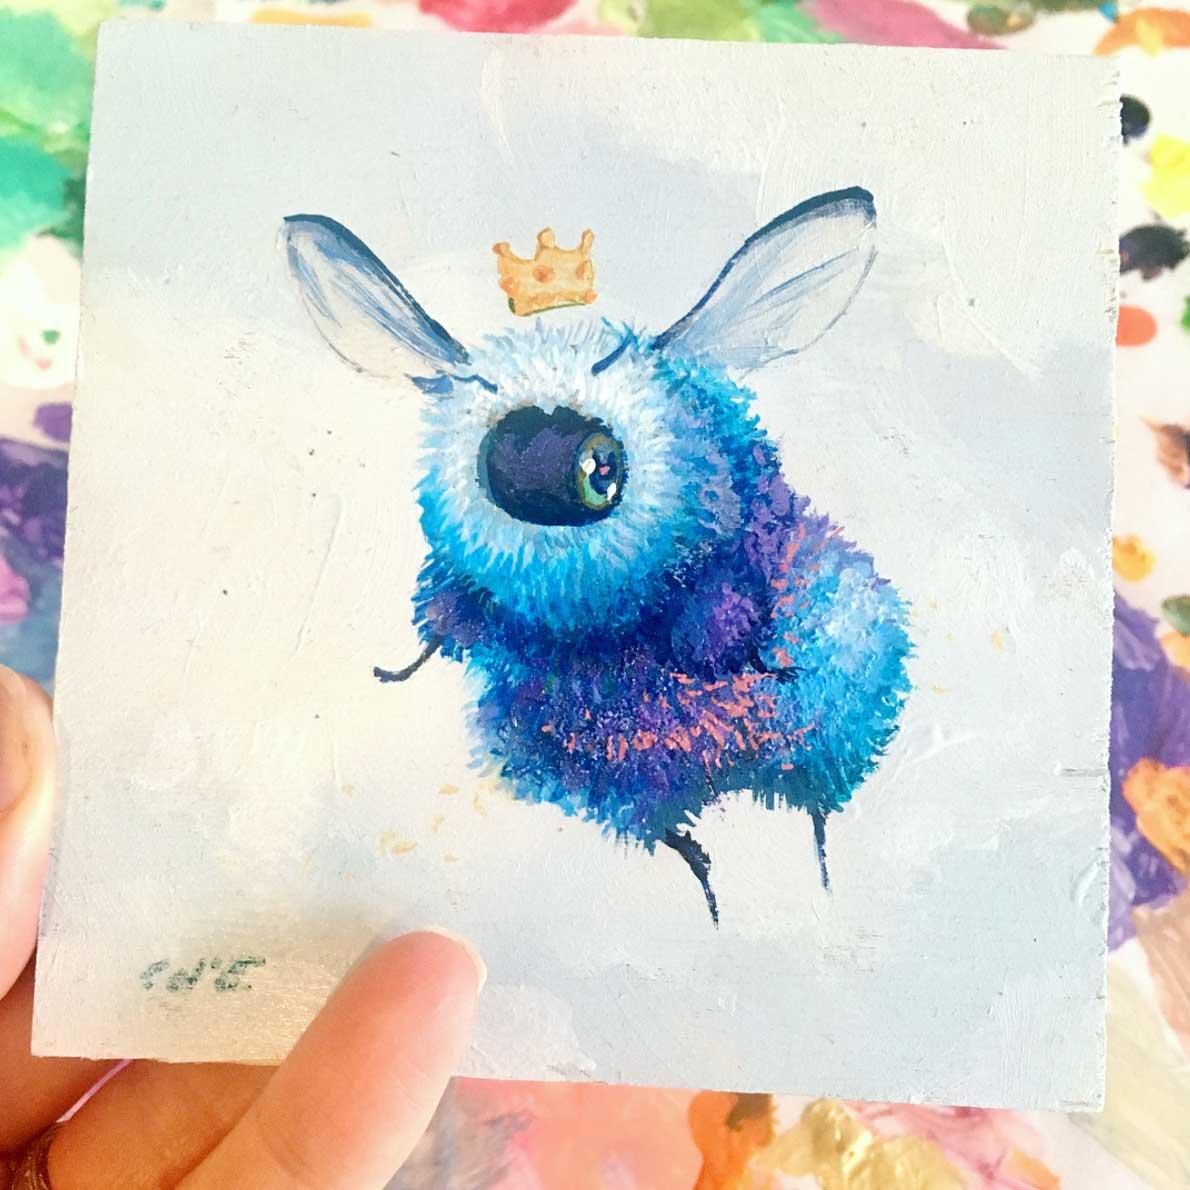 Als Bienen gemalte Popkulturfiguren popkulturbienen-von-Camilla-dErrico_06